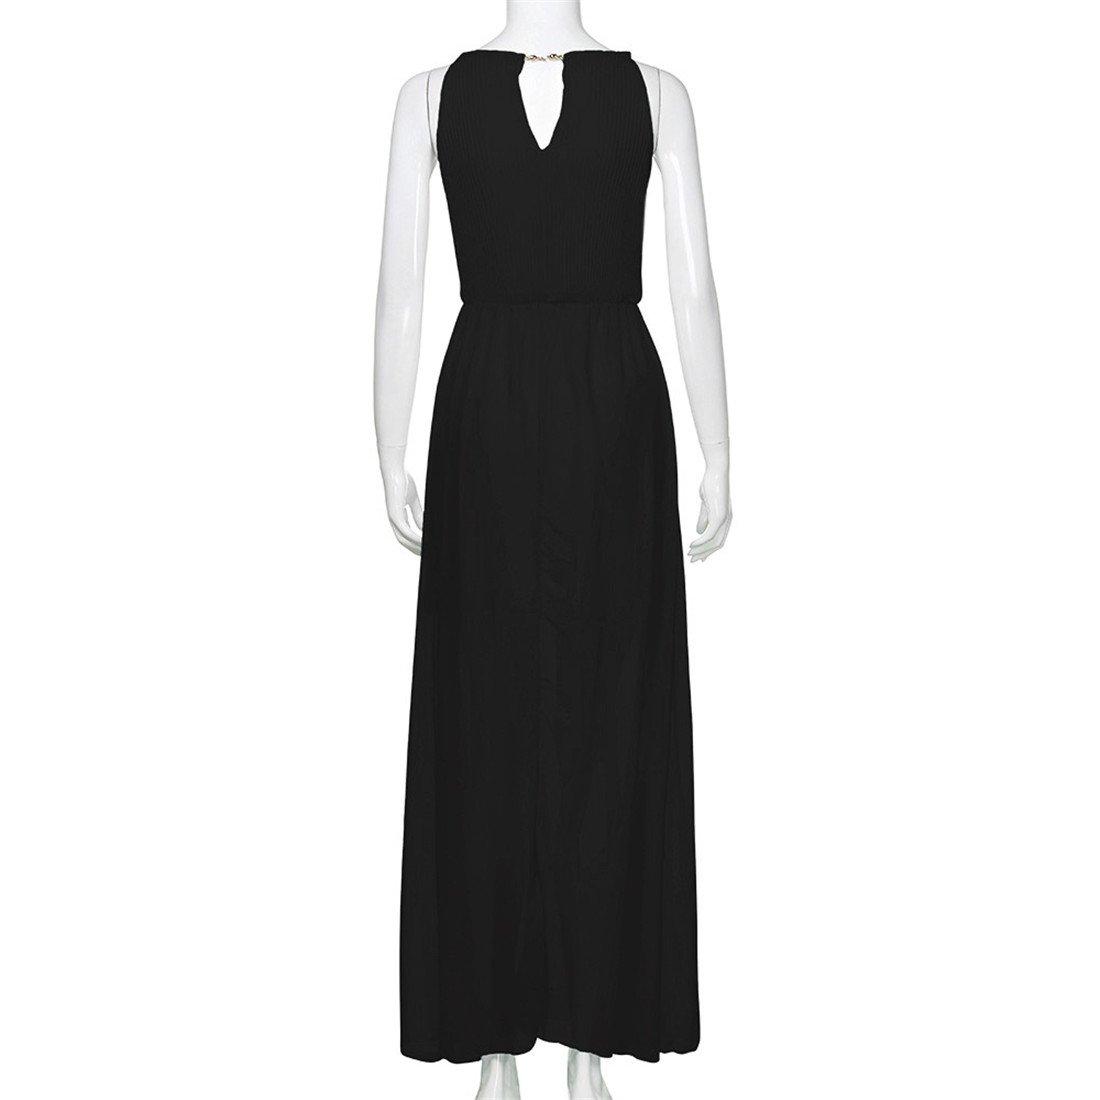 b7cf1eab2 Women Dresses